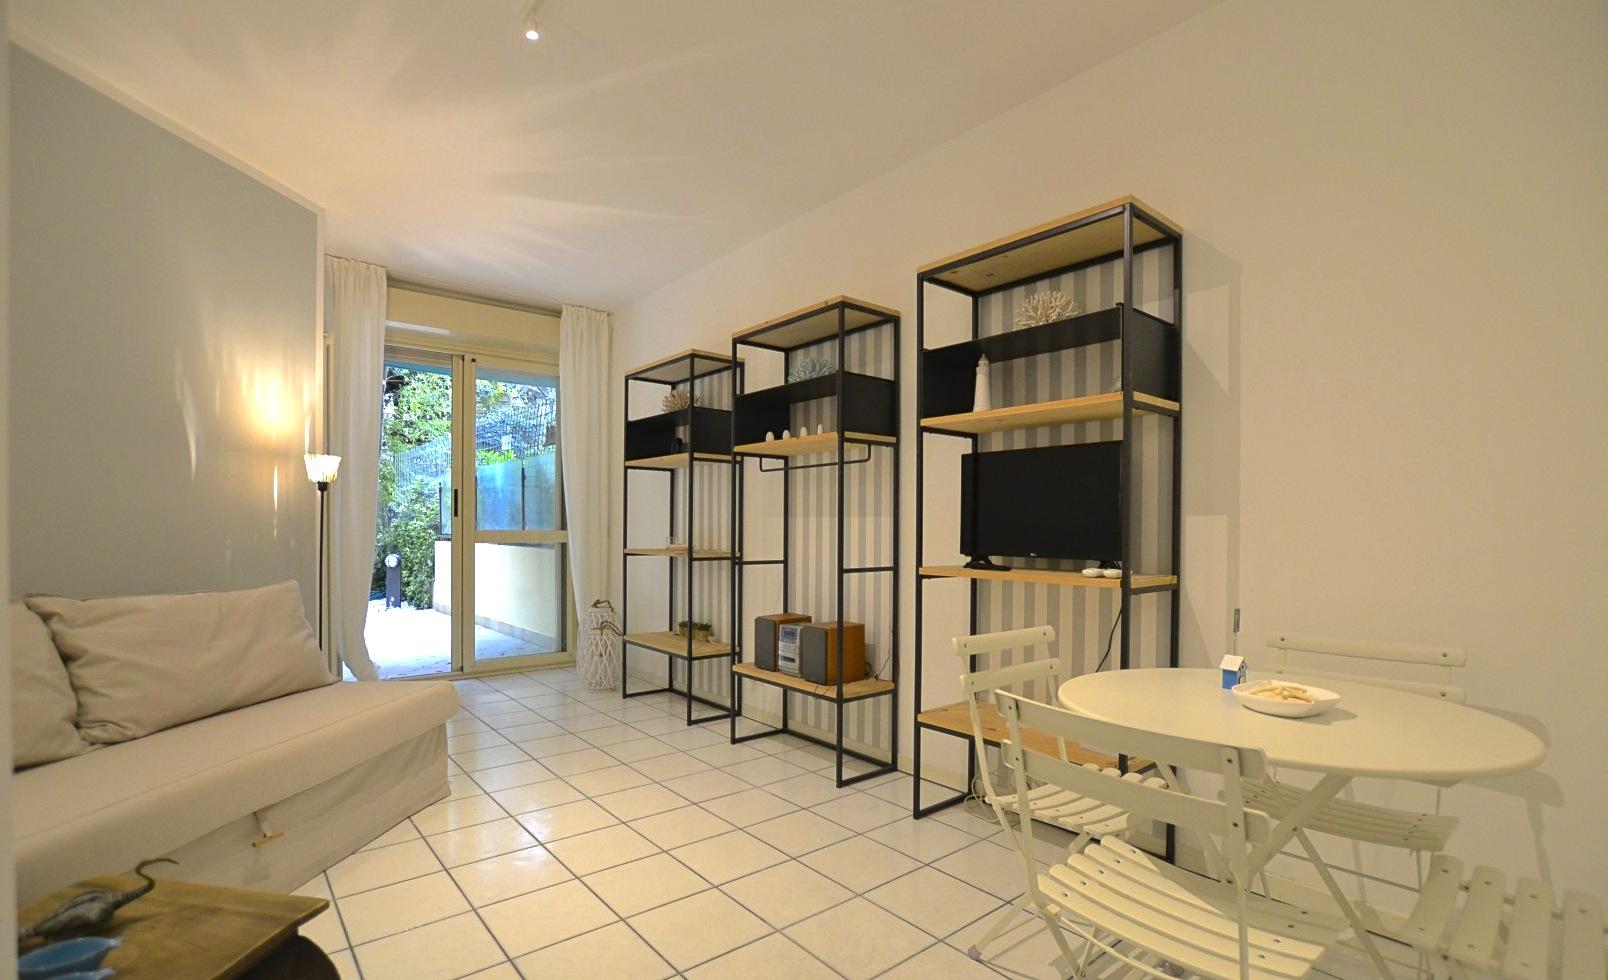 Riccione centro abissinia affitto stagionale piano terra con giardino - Bagno 60 riccione ...